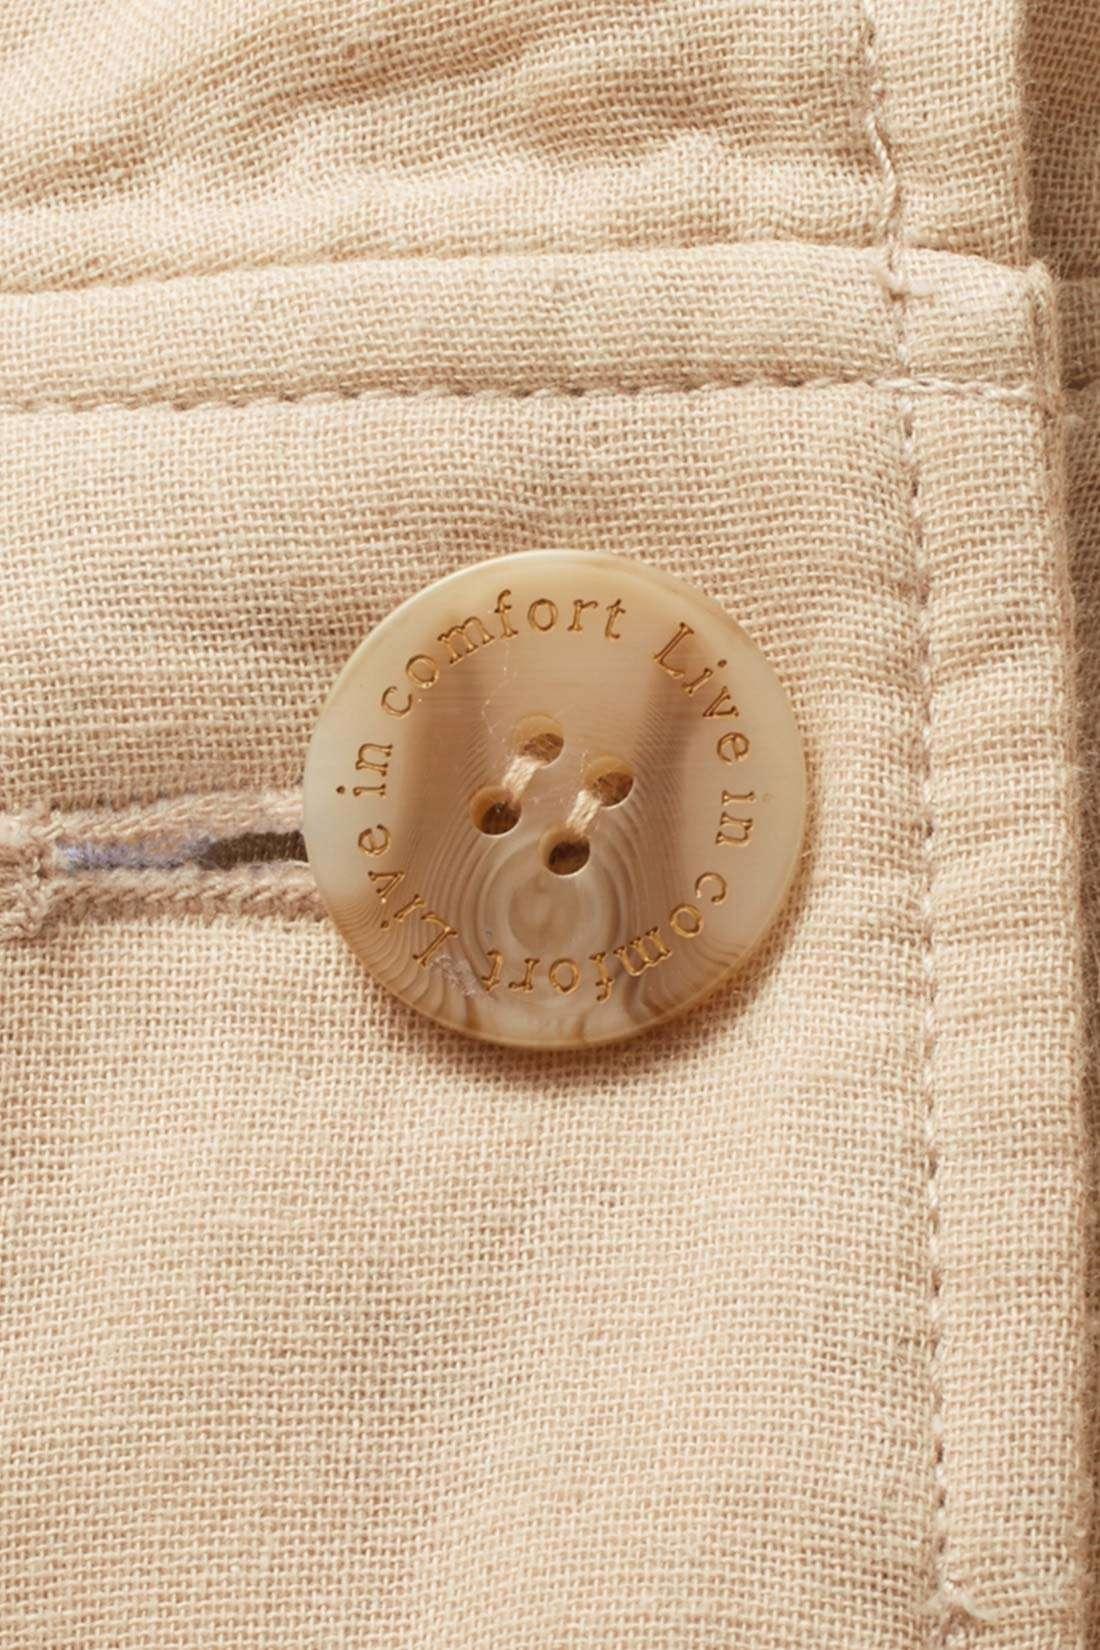 ロゴを刻印した第一ボタンがさりげないポイント。